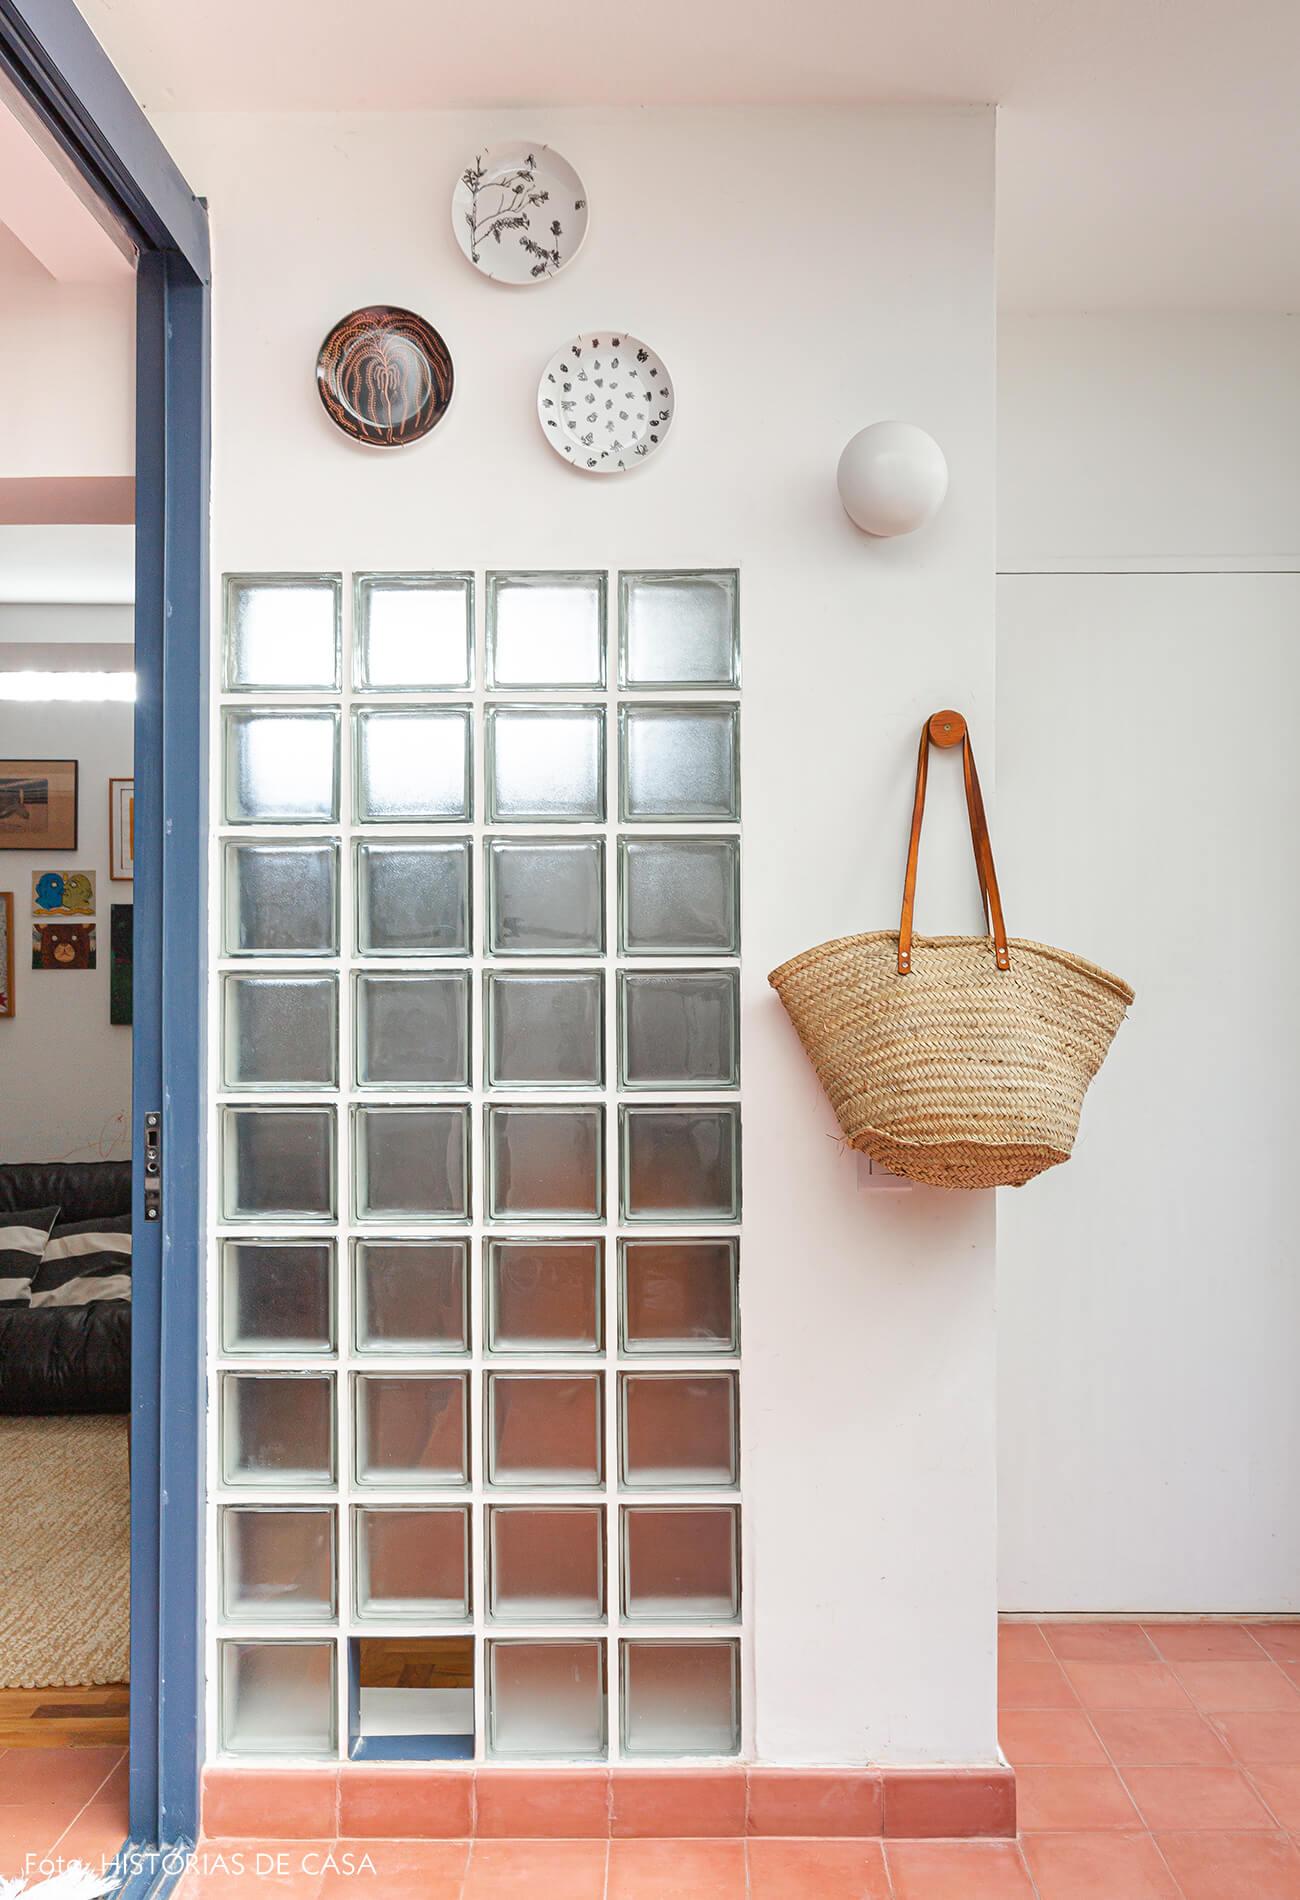 Apartamento térreo com jardim e blocos de vidro